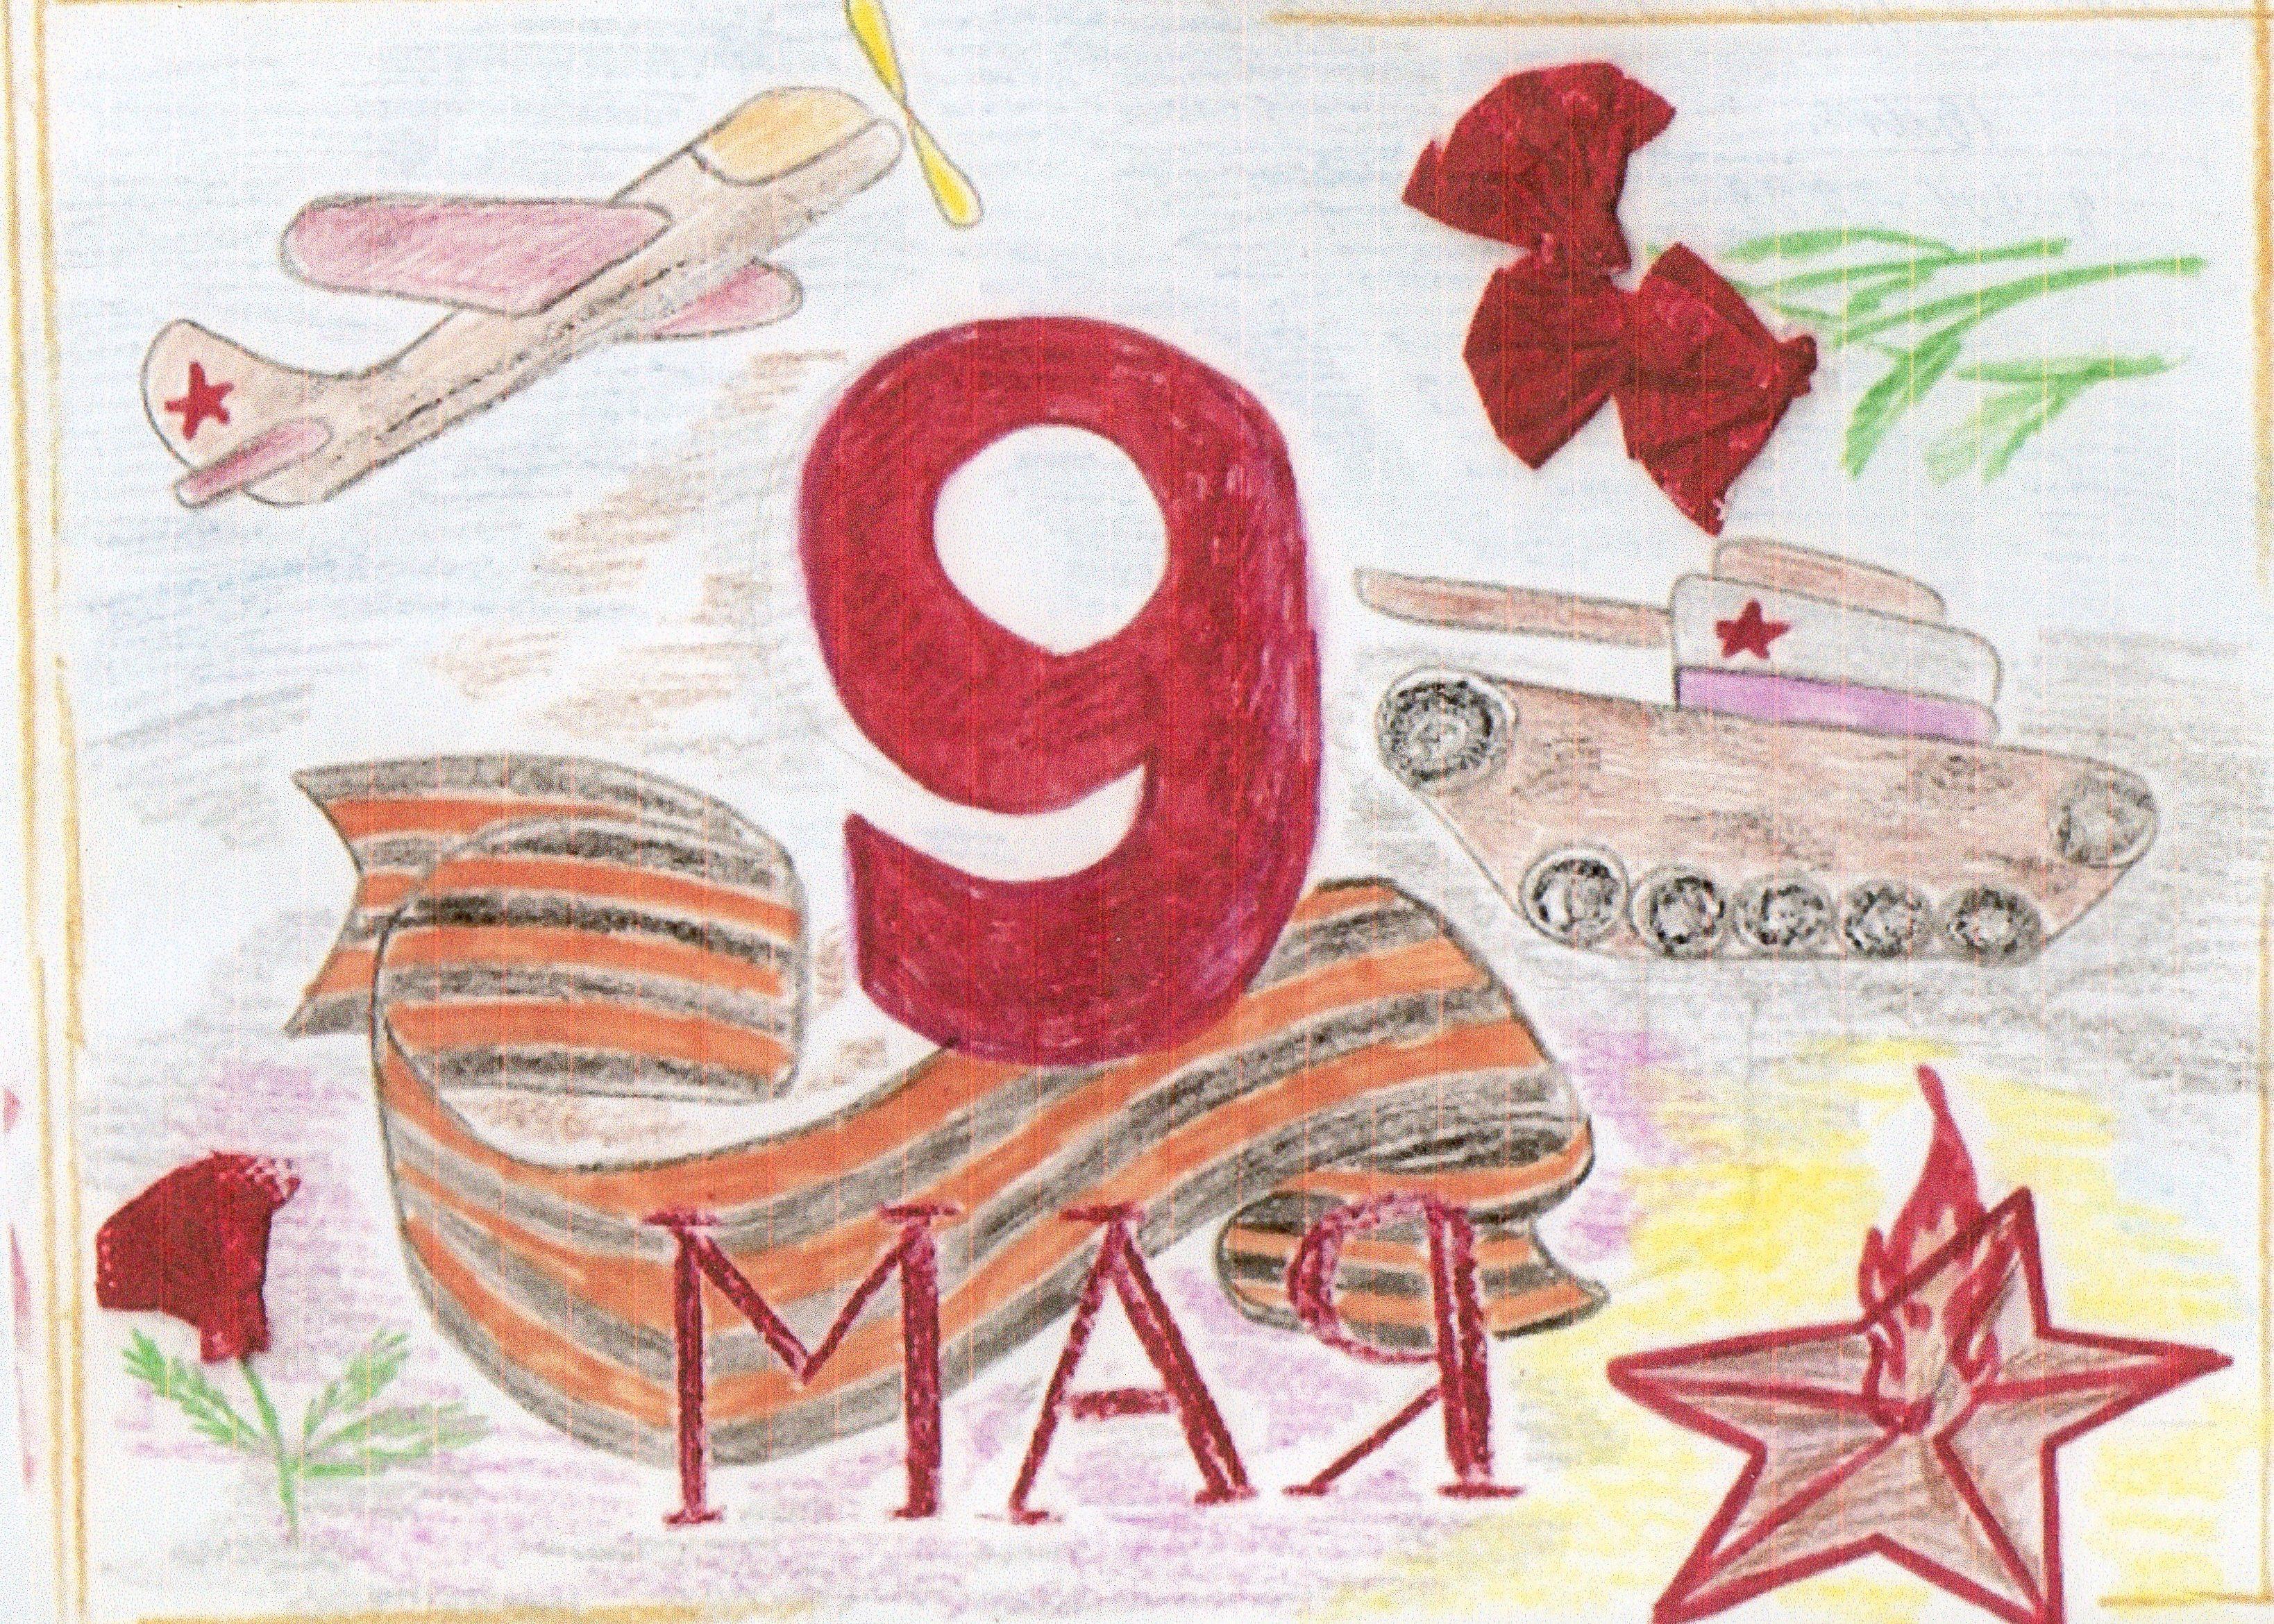 Как нарисовать открытку к я 9 маю